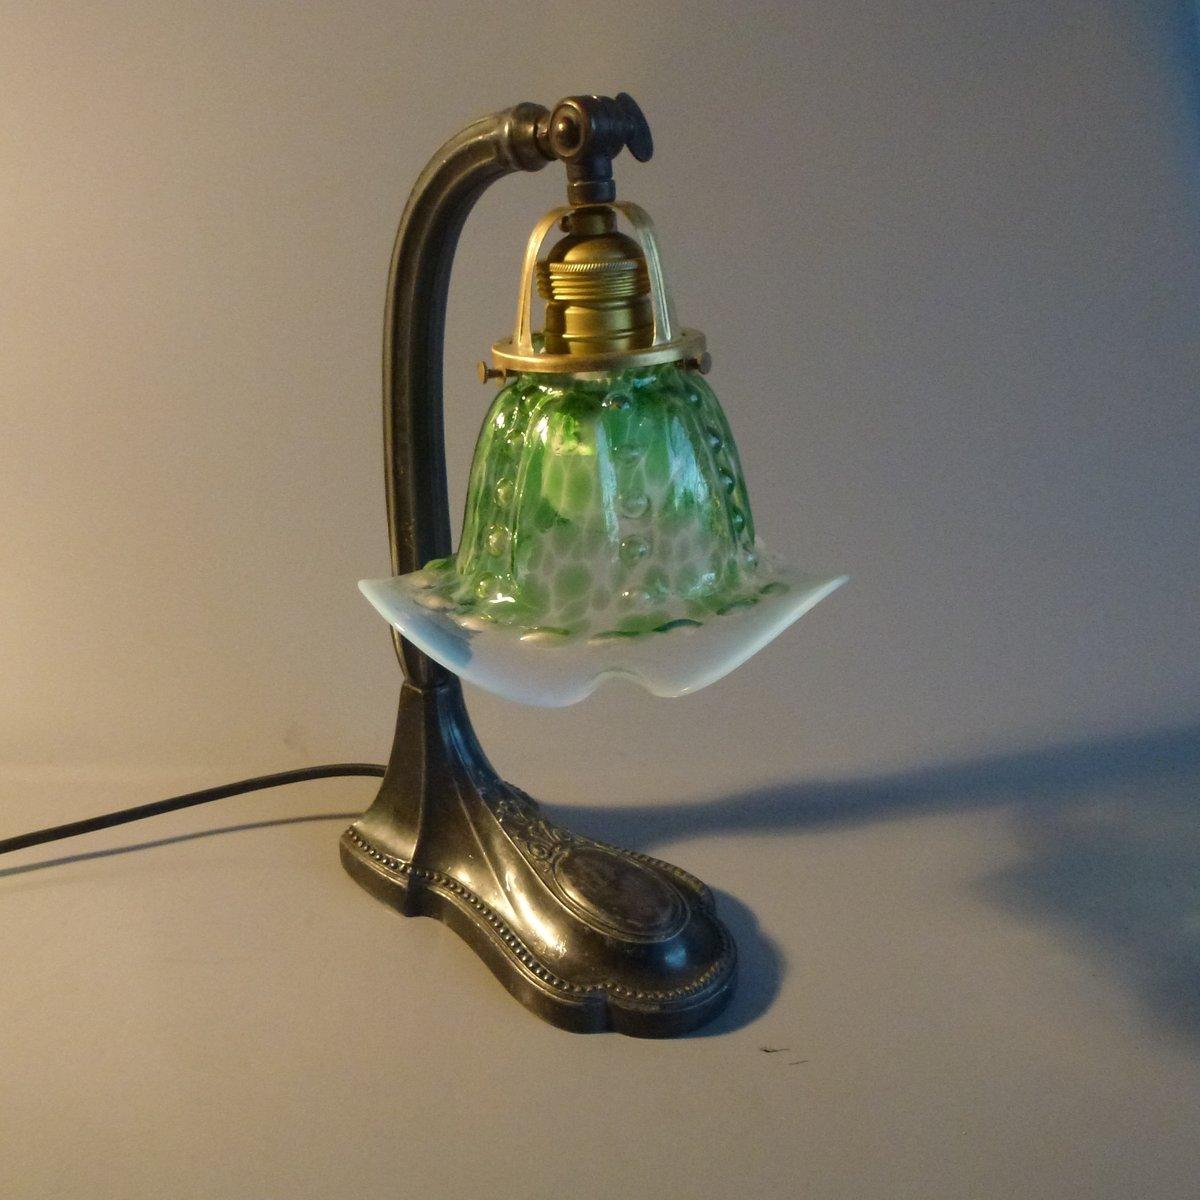 Grüne Jugendstil Tischlampe, 1900er